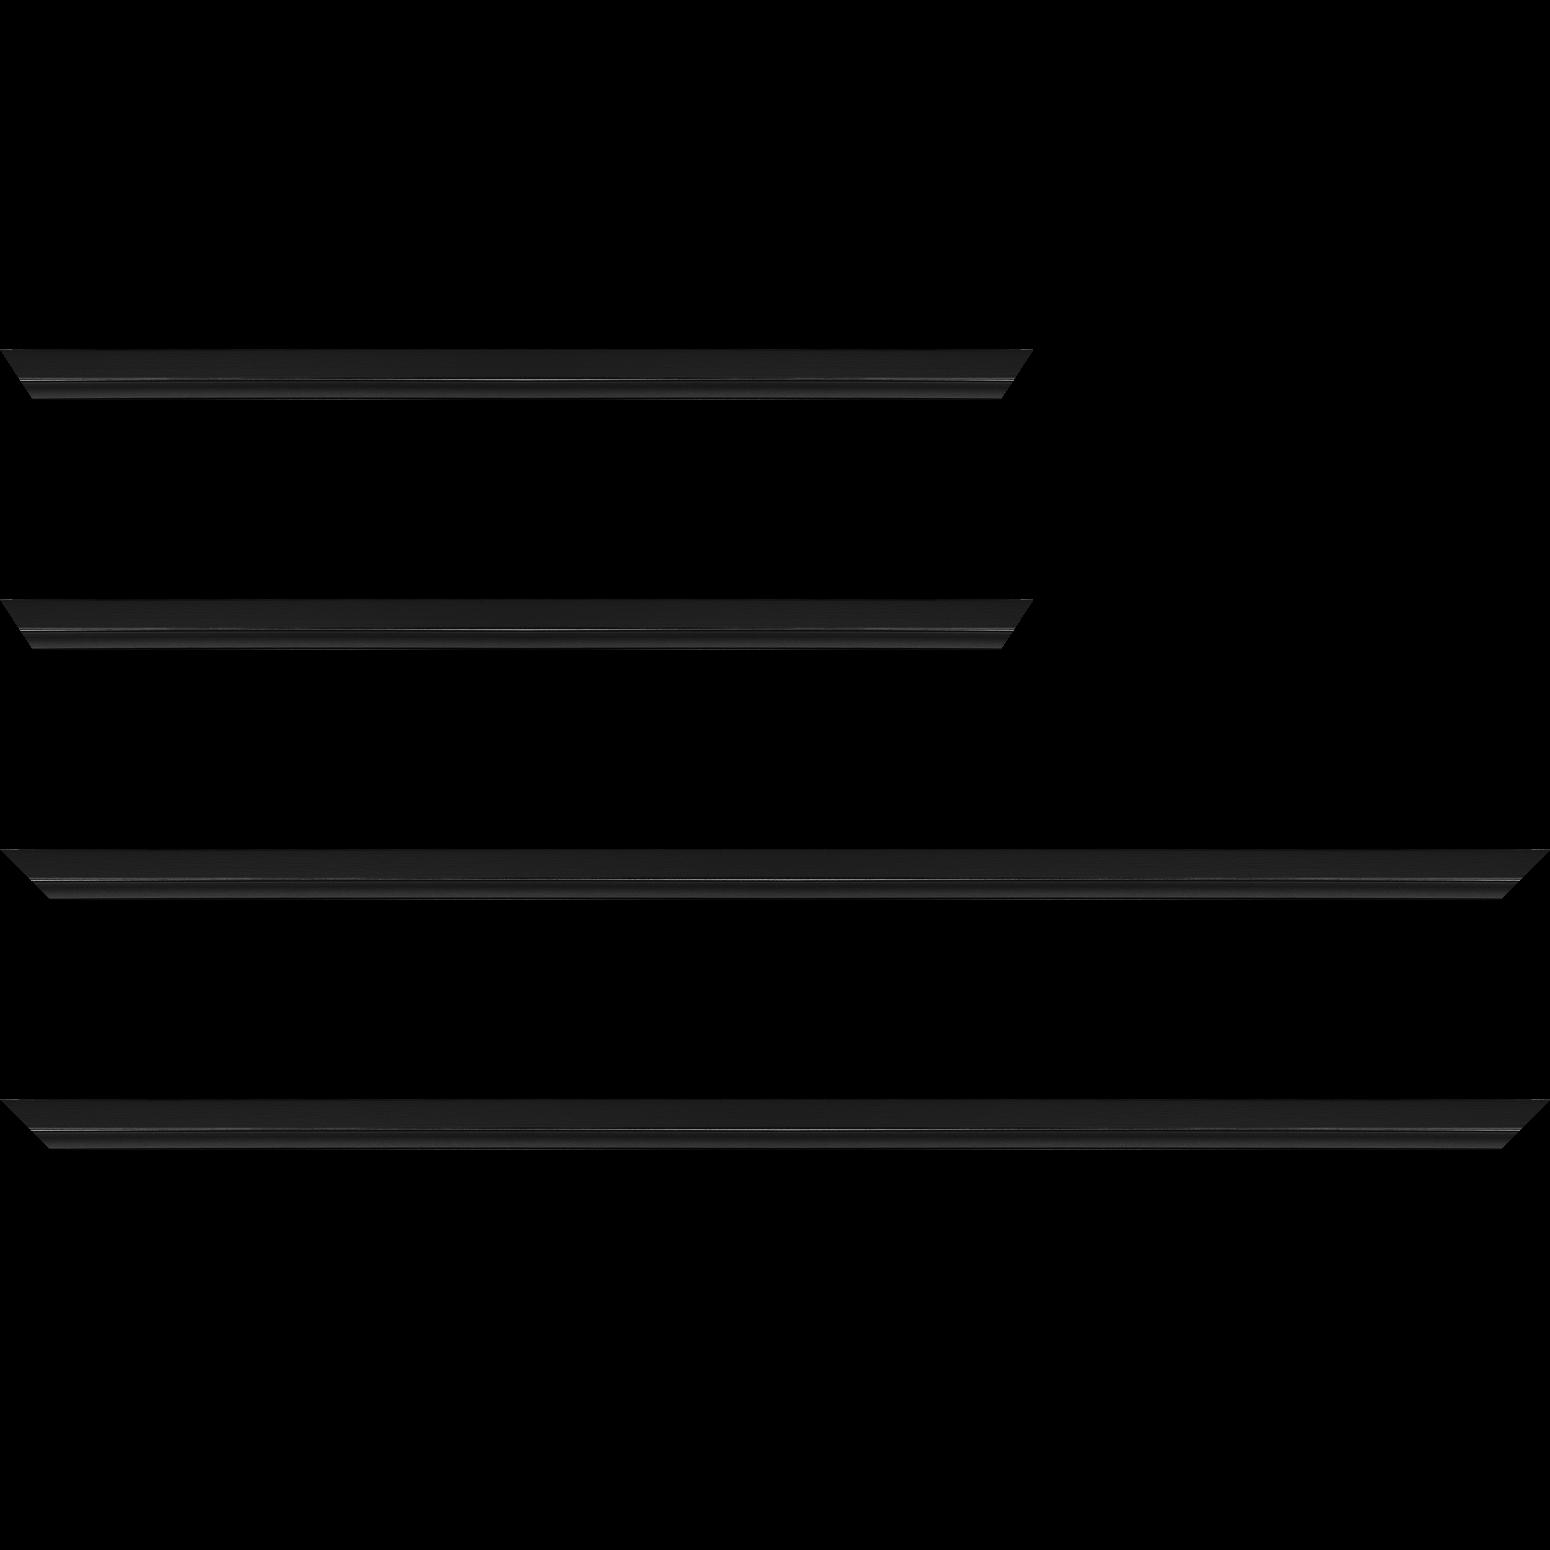 Baguette service précoupé Bois profil plat largeur 1.6cm couleur noir mat finition pore bouché filet noir en retrait de la face du cadre de 6mm assurant un effet très original